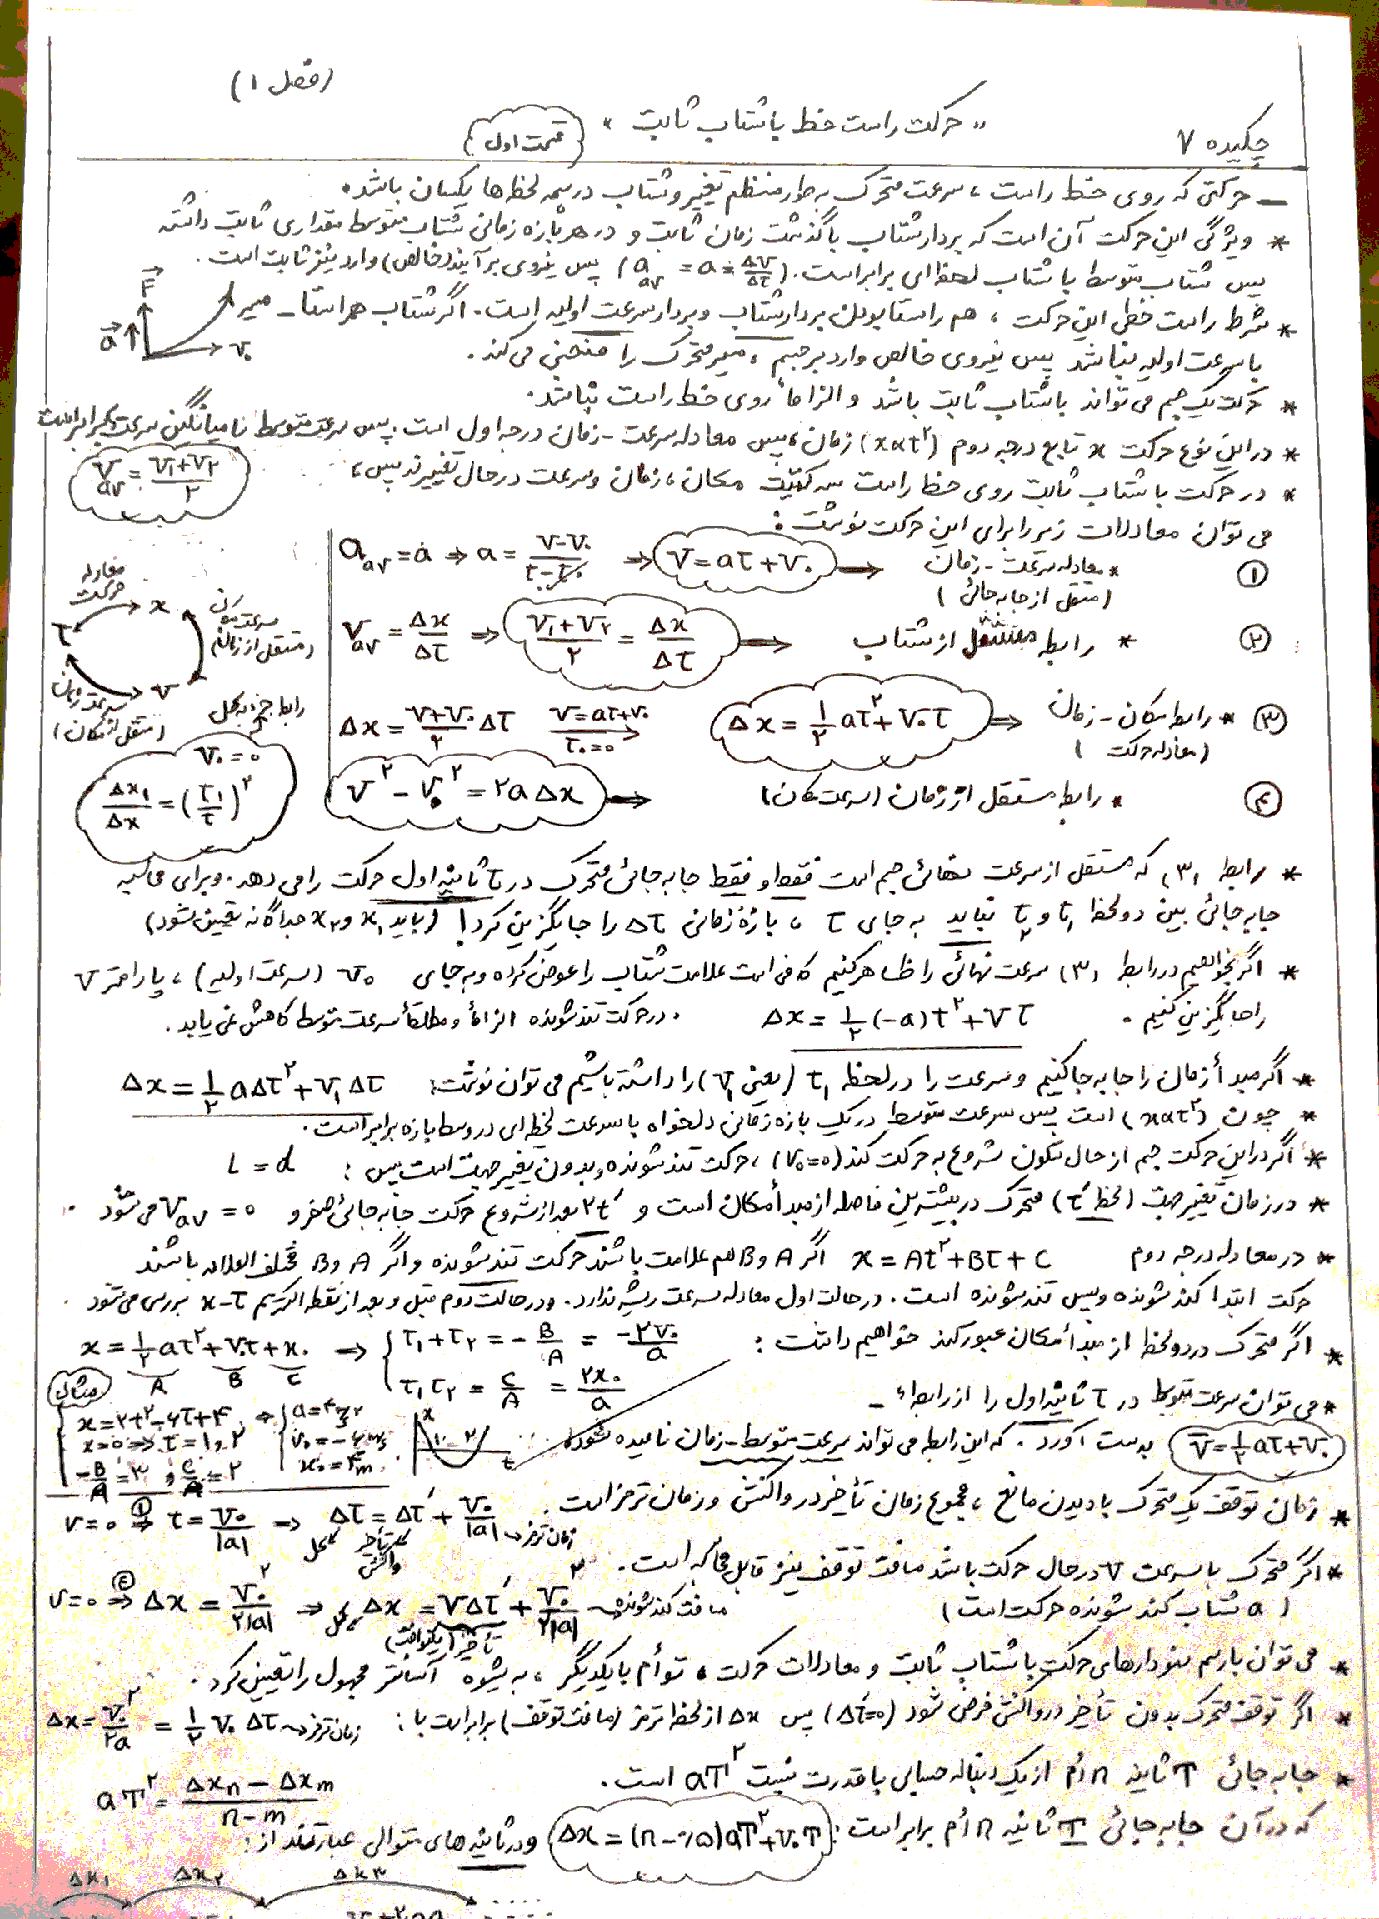 خلاطه نکات و فرمول های فیزیک (3) تجربی دوازدهم | فصل 1: حرکت بر خط راست